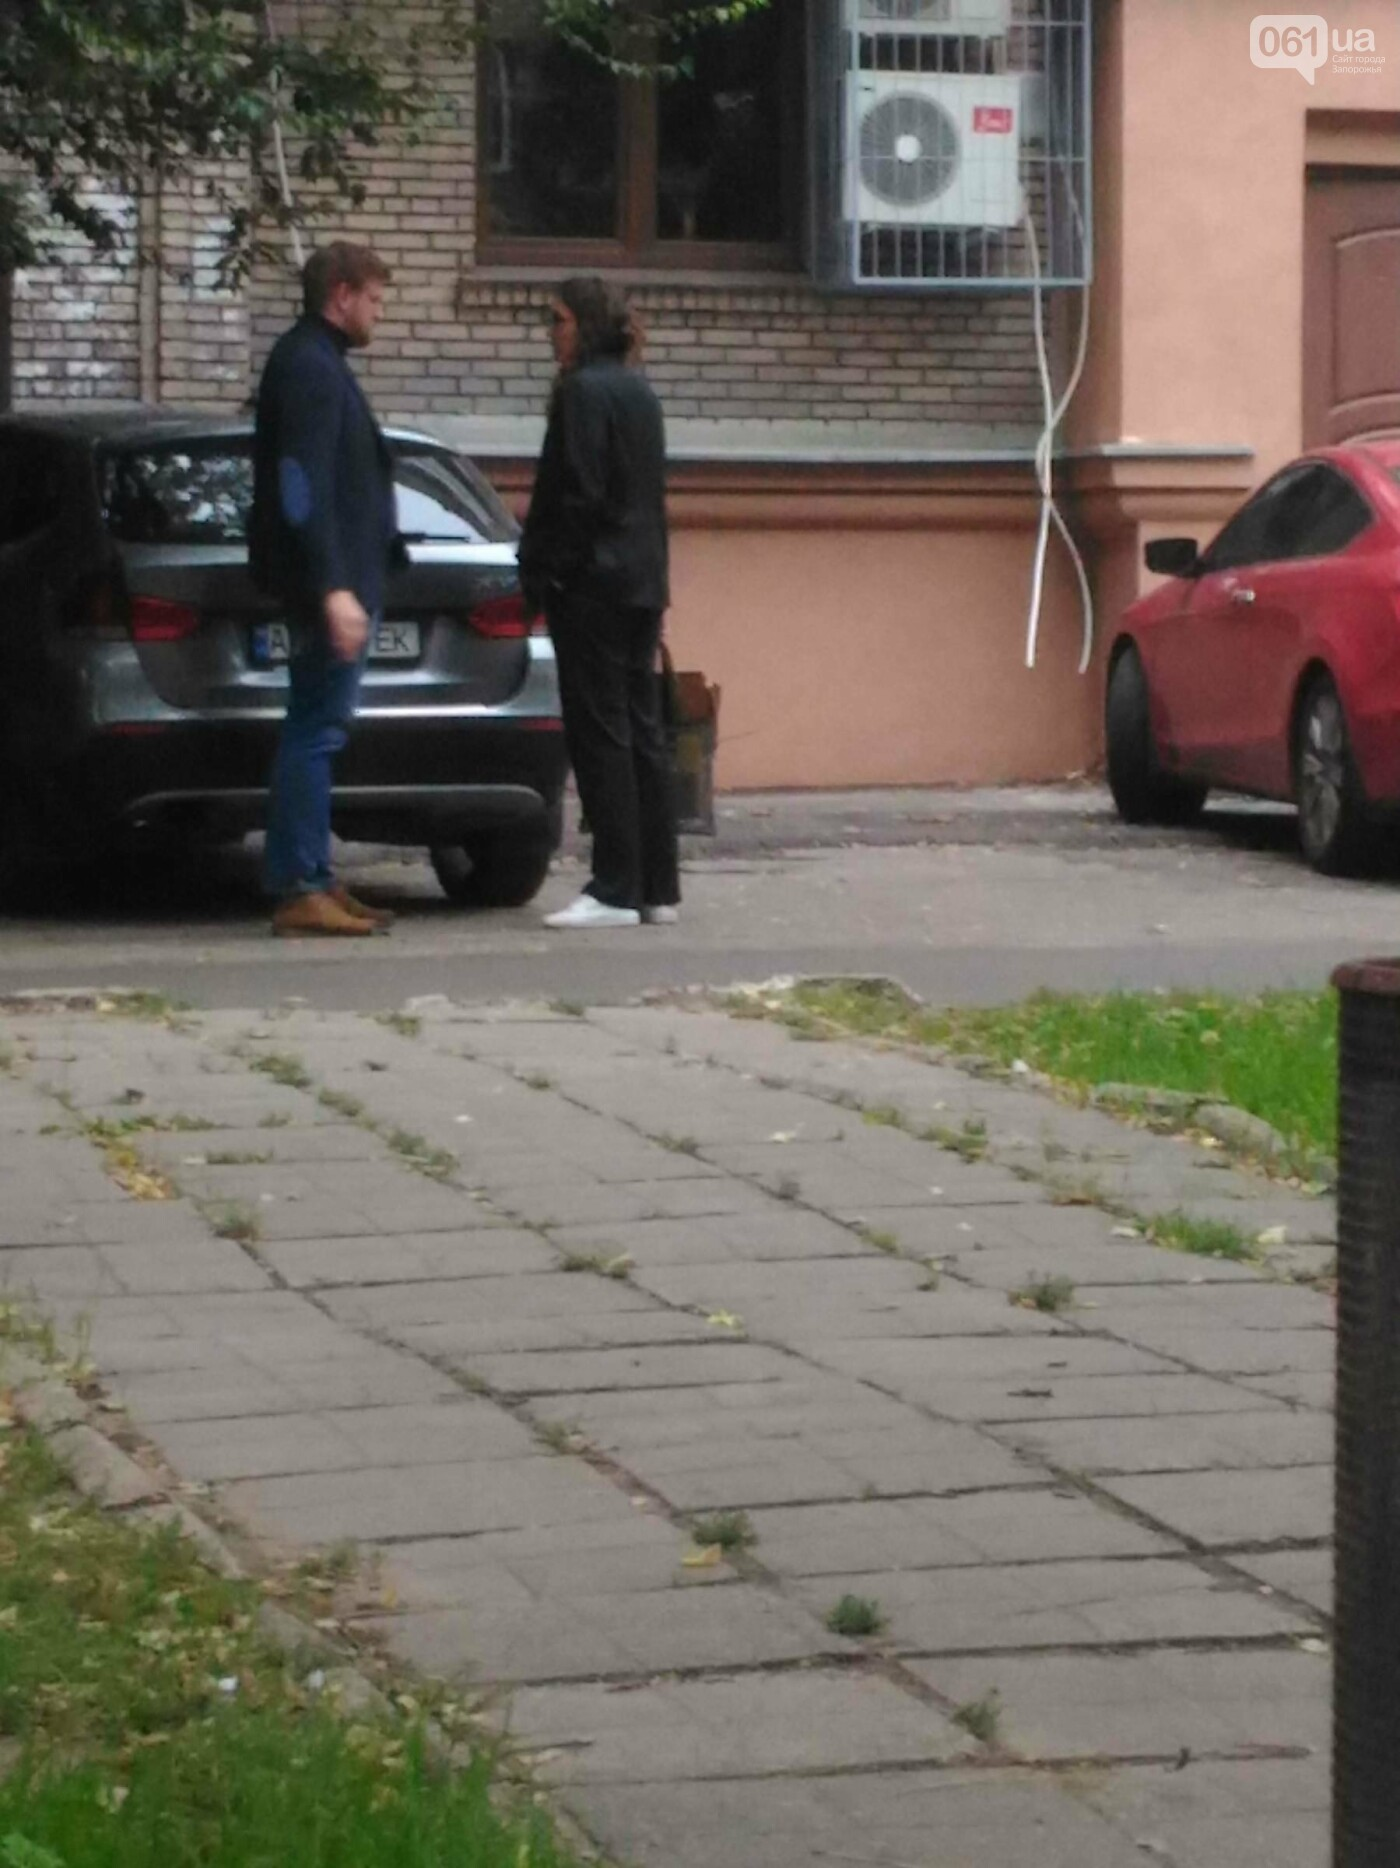 Начальник запорожского департамента Сергей Билов ездит на новом авто брата: его давно сгорело, - ФОТО, ВИДЕО, фото-1